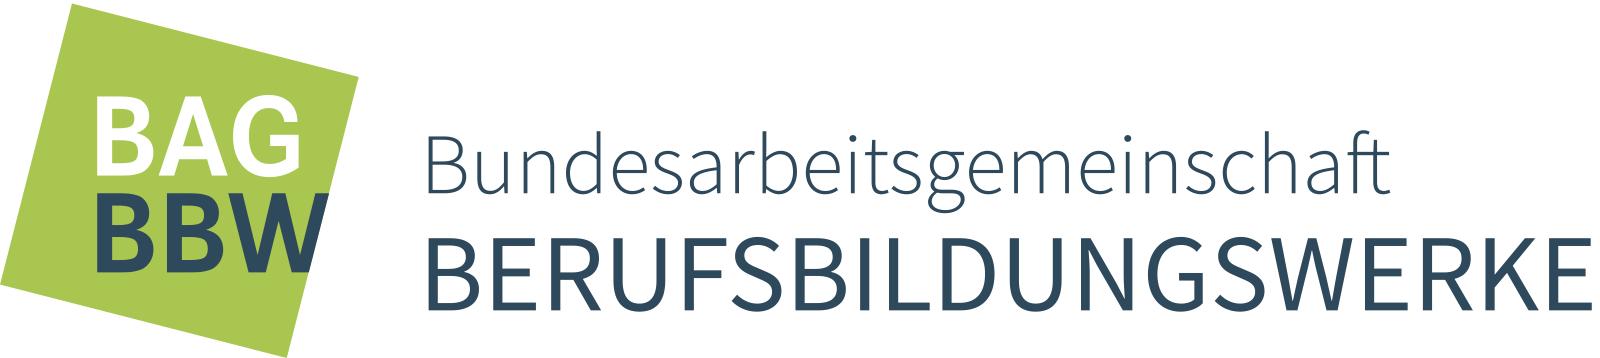 Logo: BAG BBW